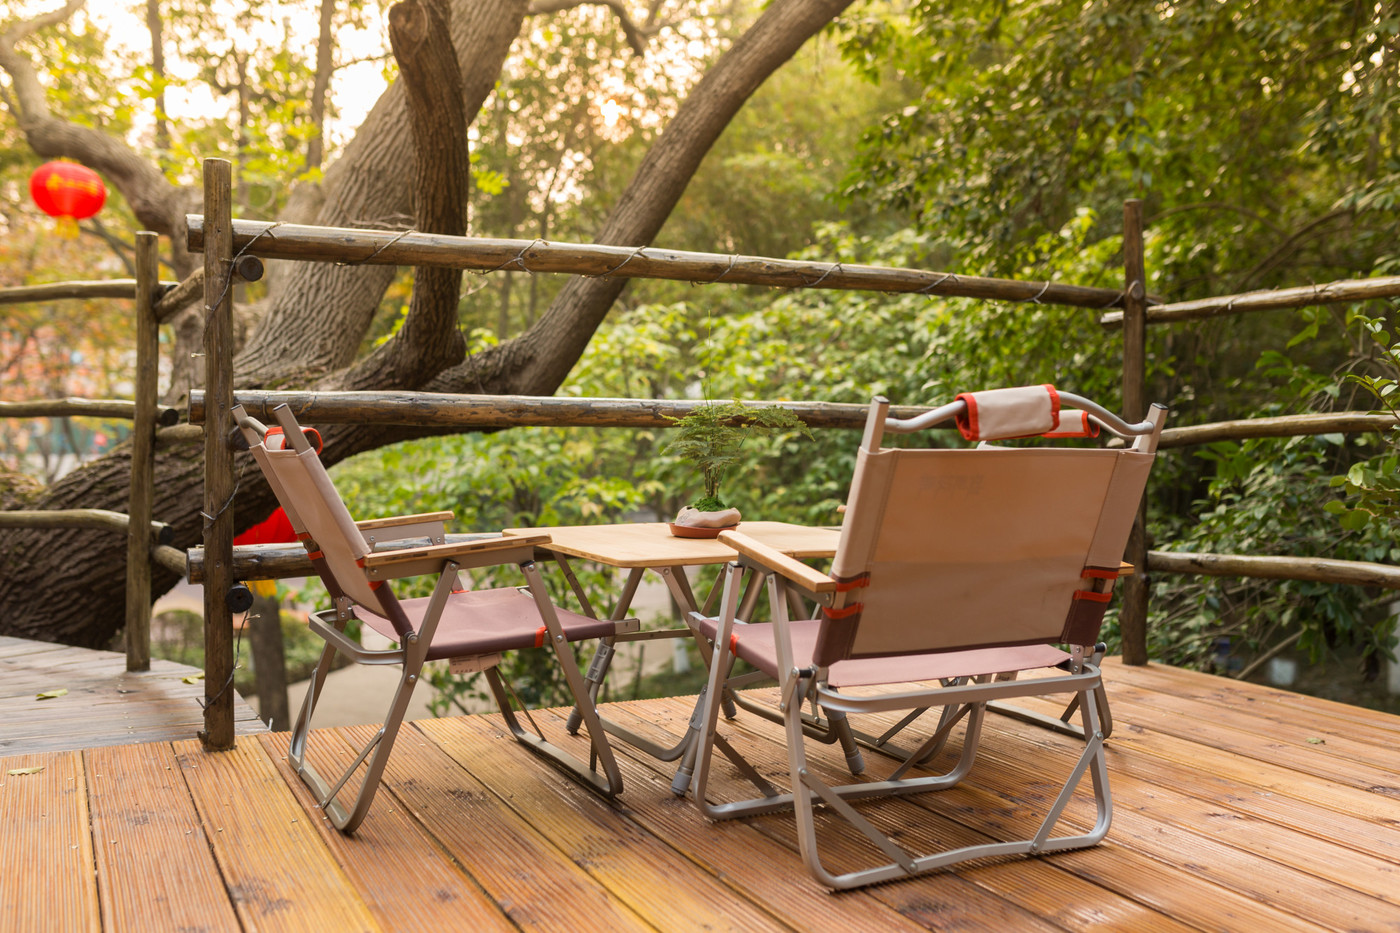 喜马拉雅野奢帐篷酒店—江苏常州天目湖树屋32